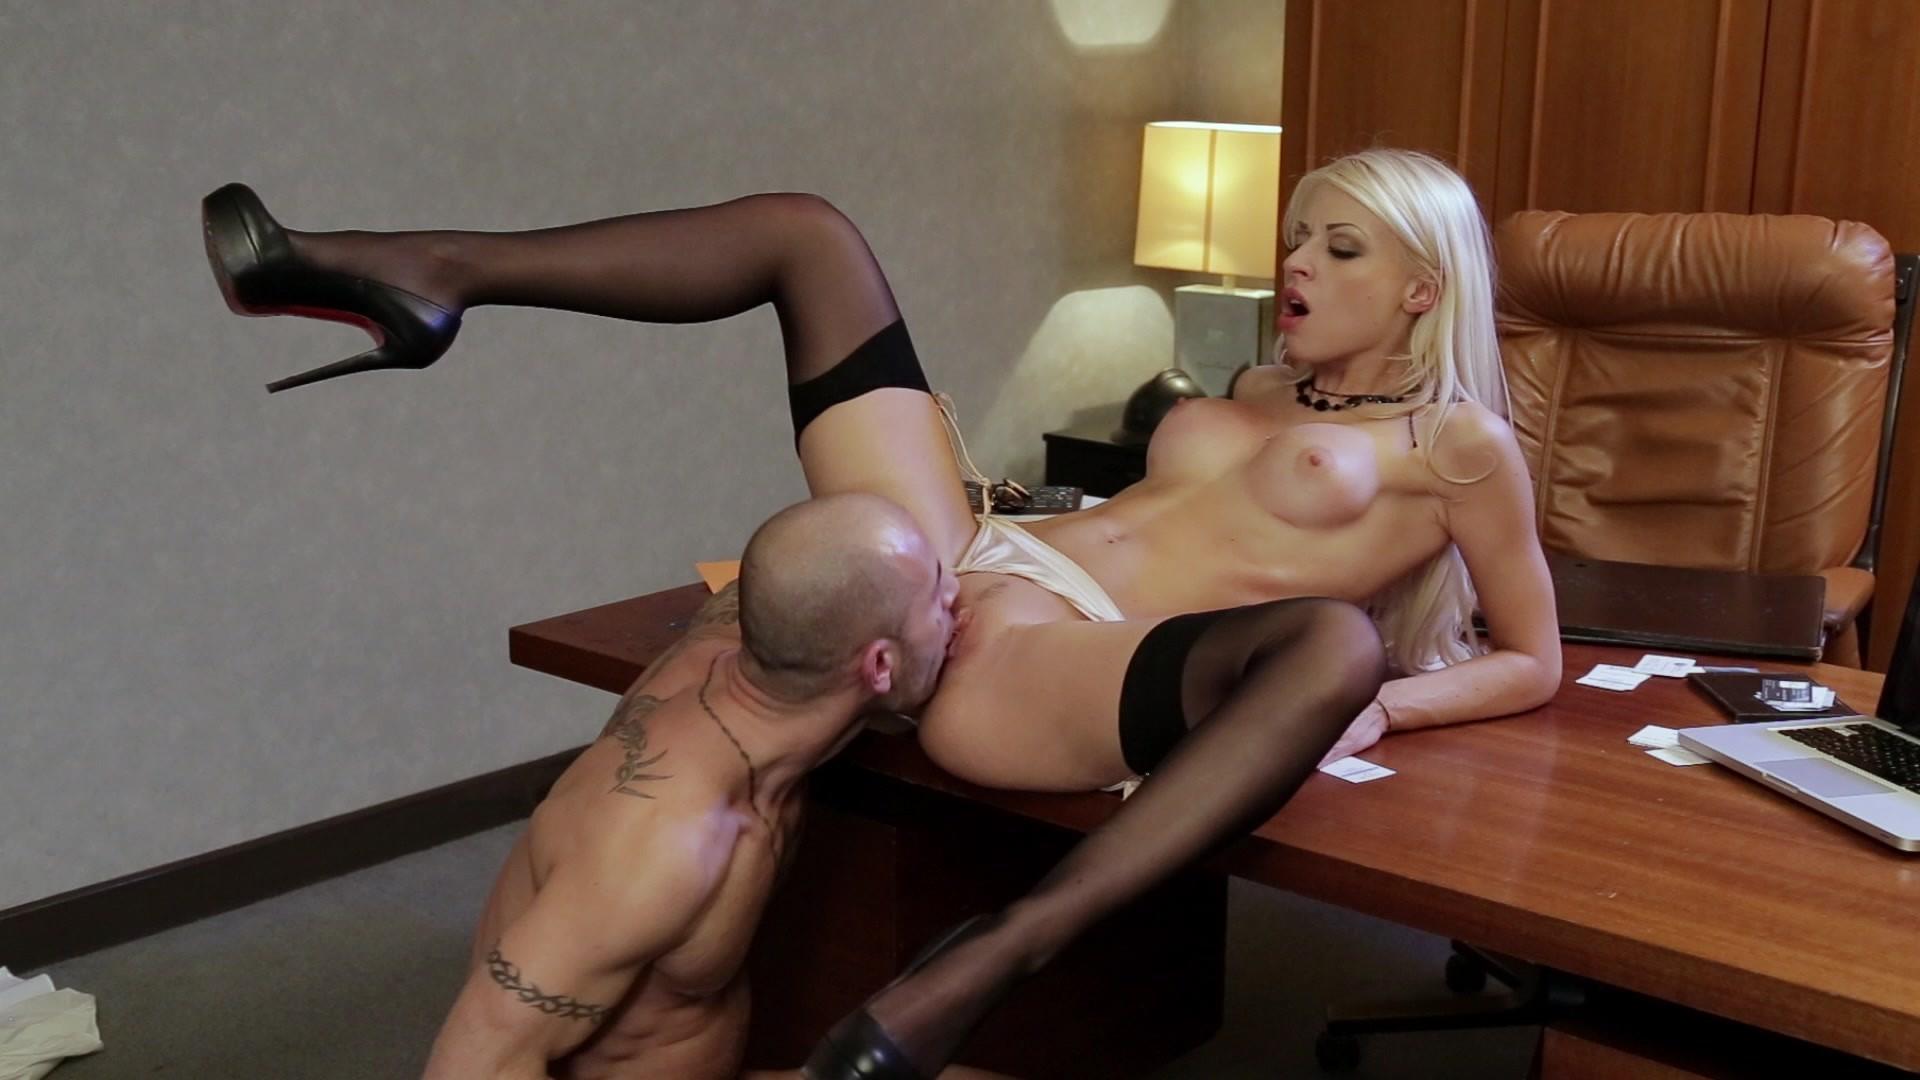 Порнозвезды секс особняк на столе ебет алетта